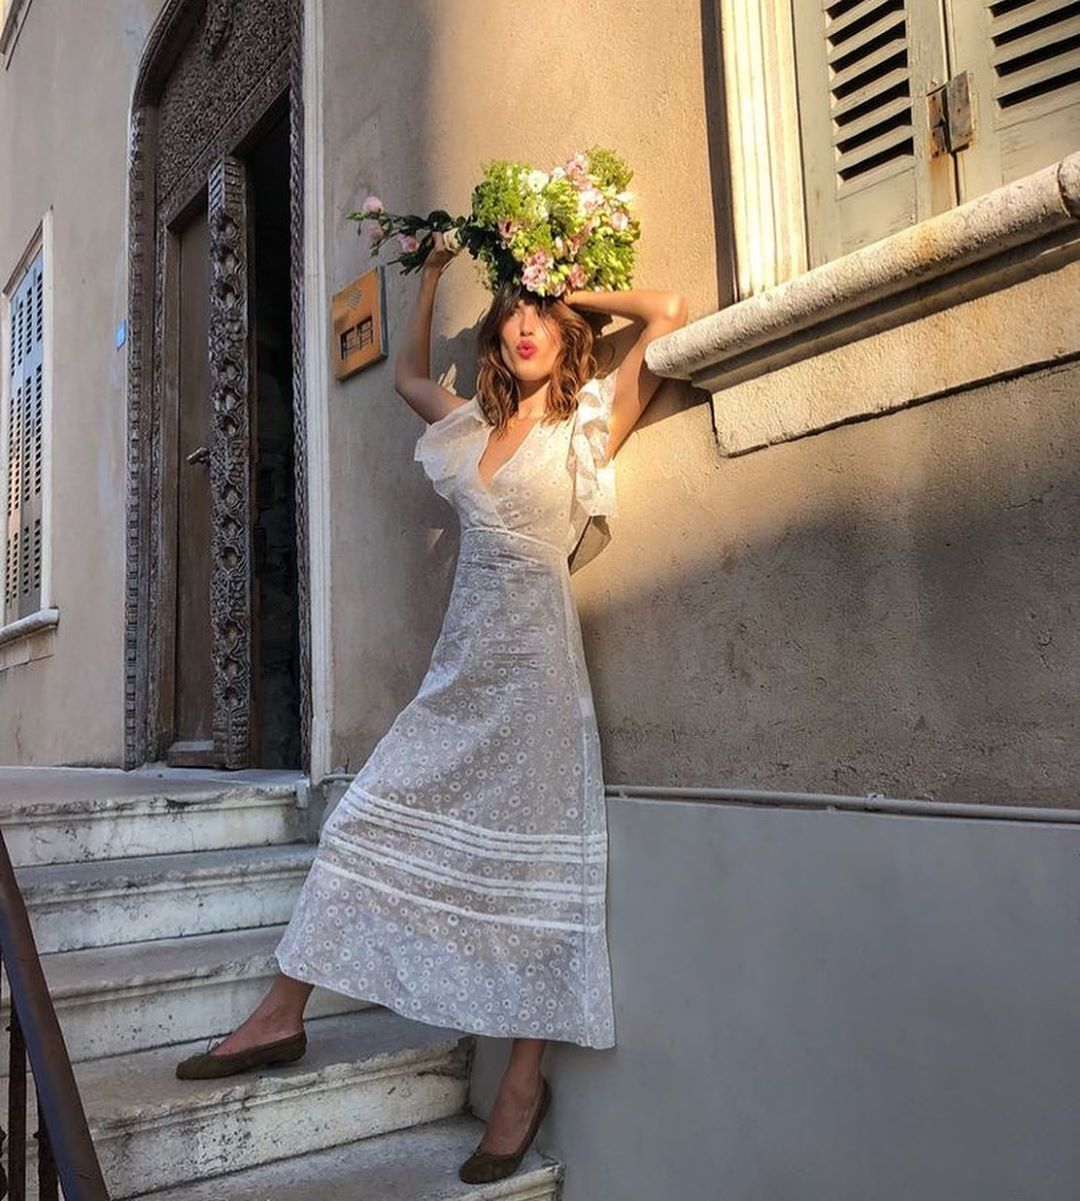 Giày búp bê đính nơ phối cùng váy trắng mang phong cách của những cô gái Pháp